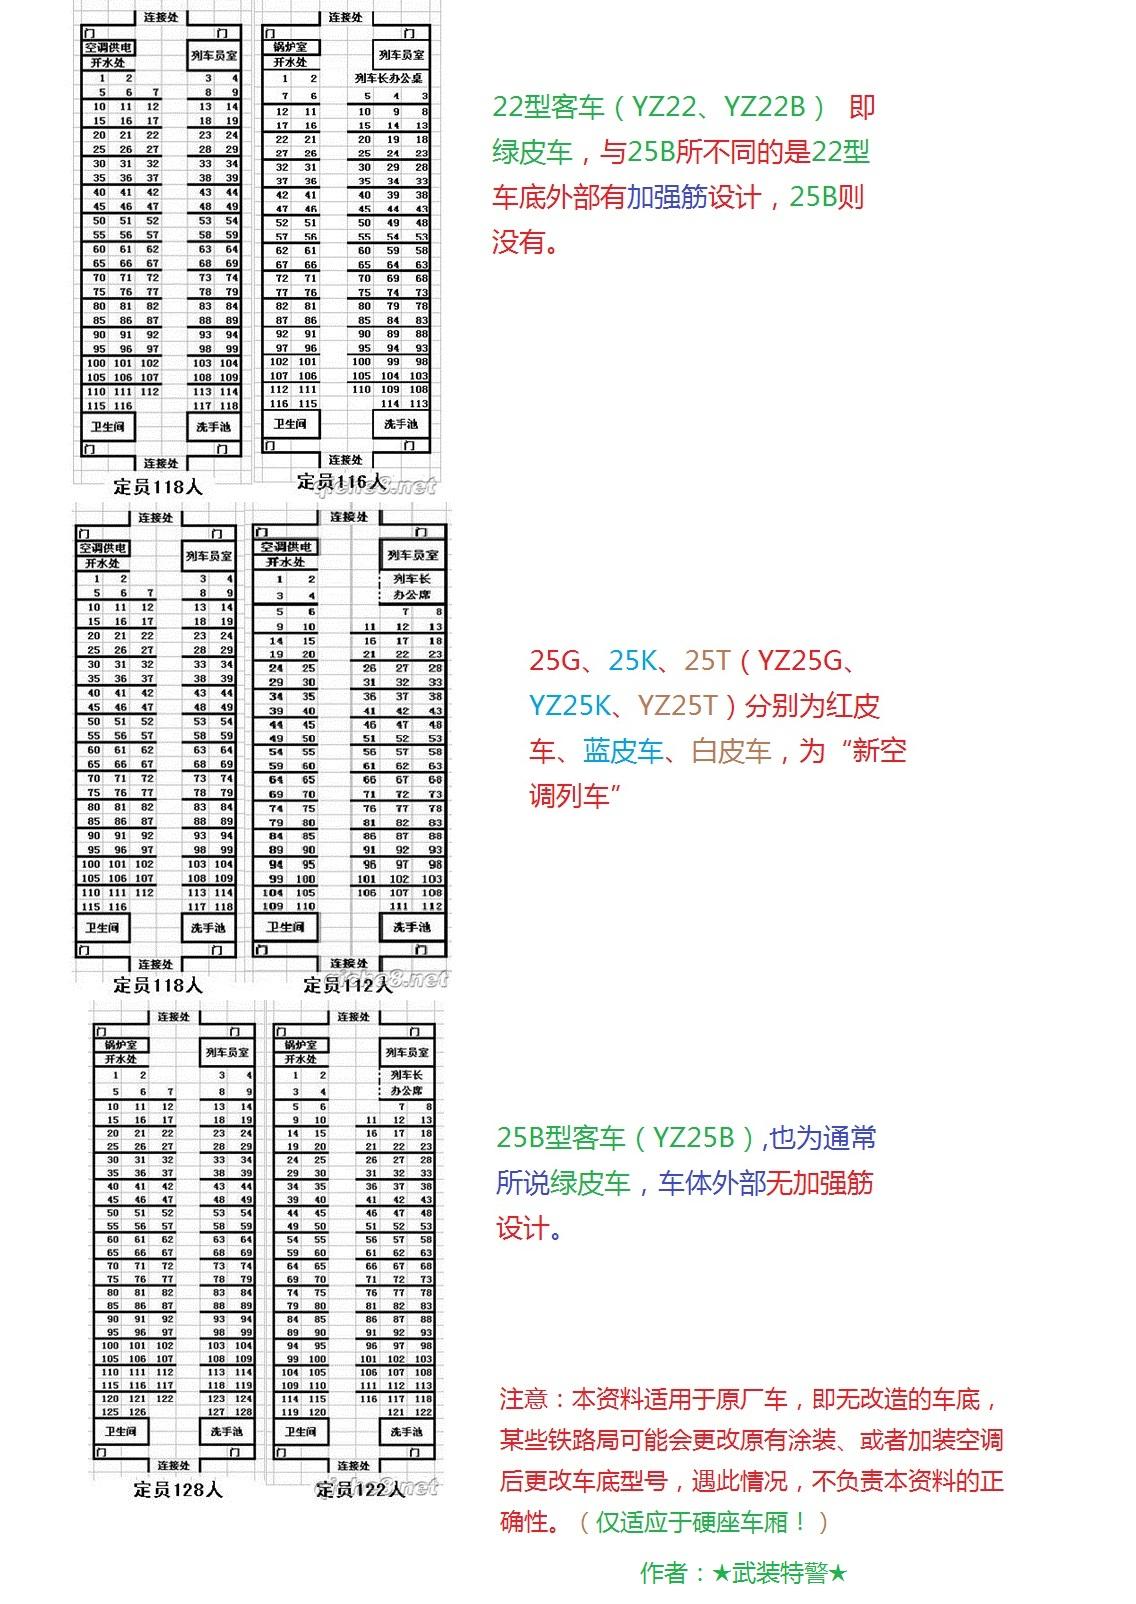 k火车座位分布图图片